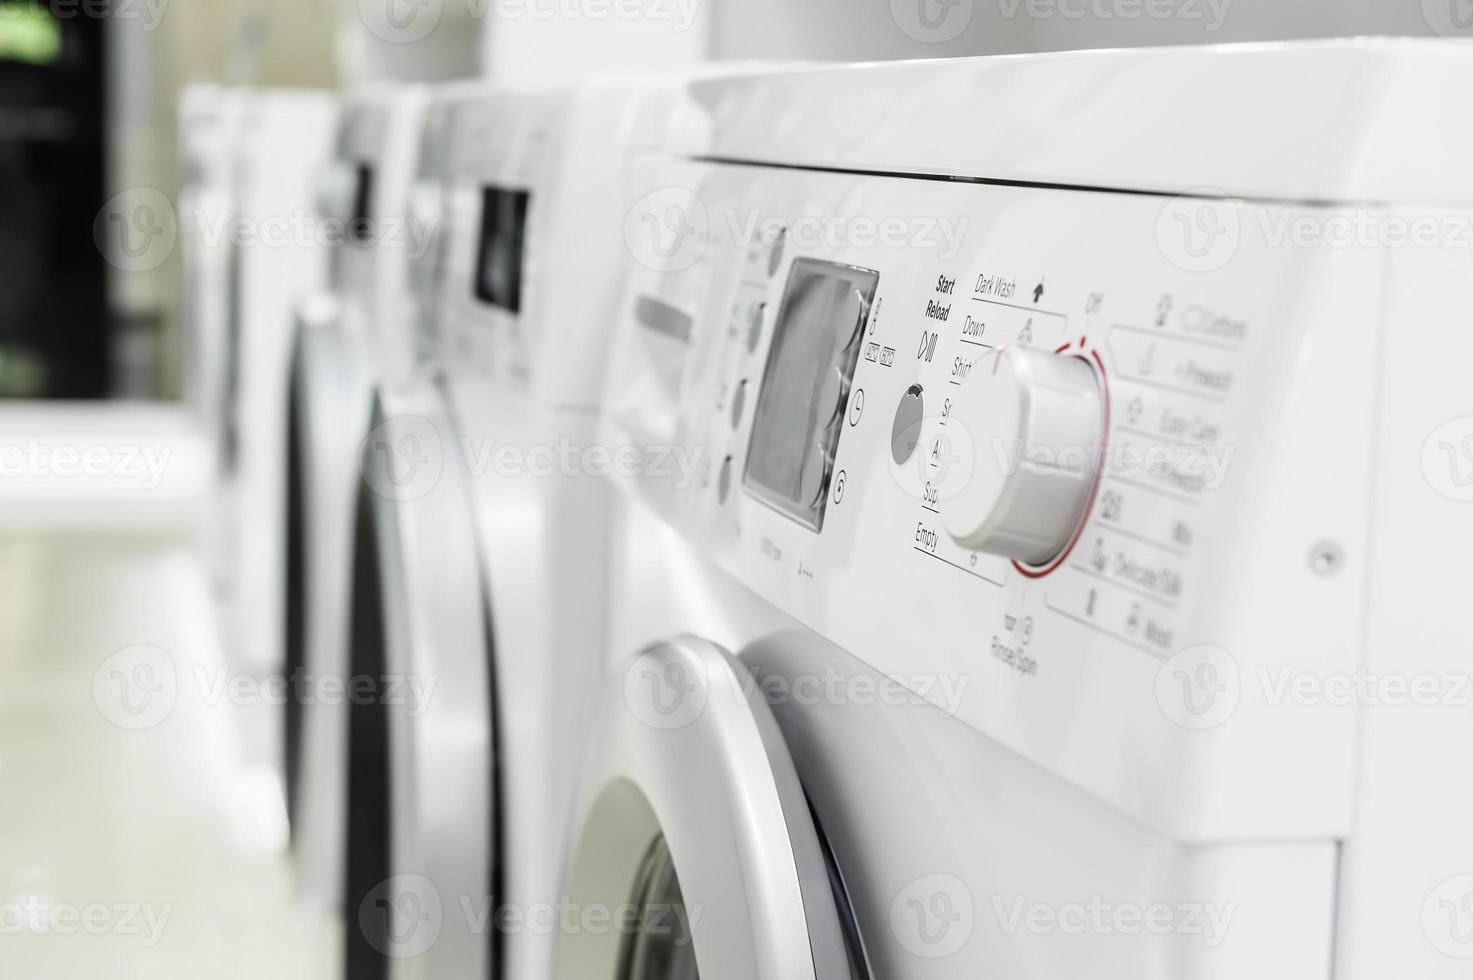 lavare i mashines nel negozio di elettrodomestici foto